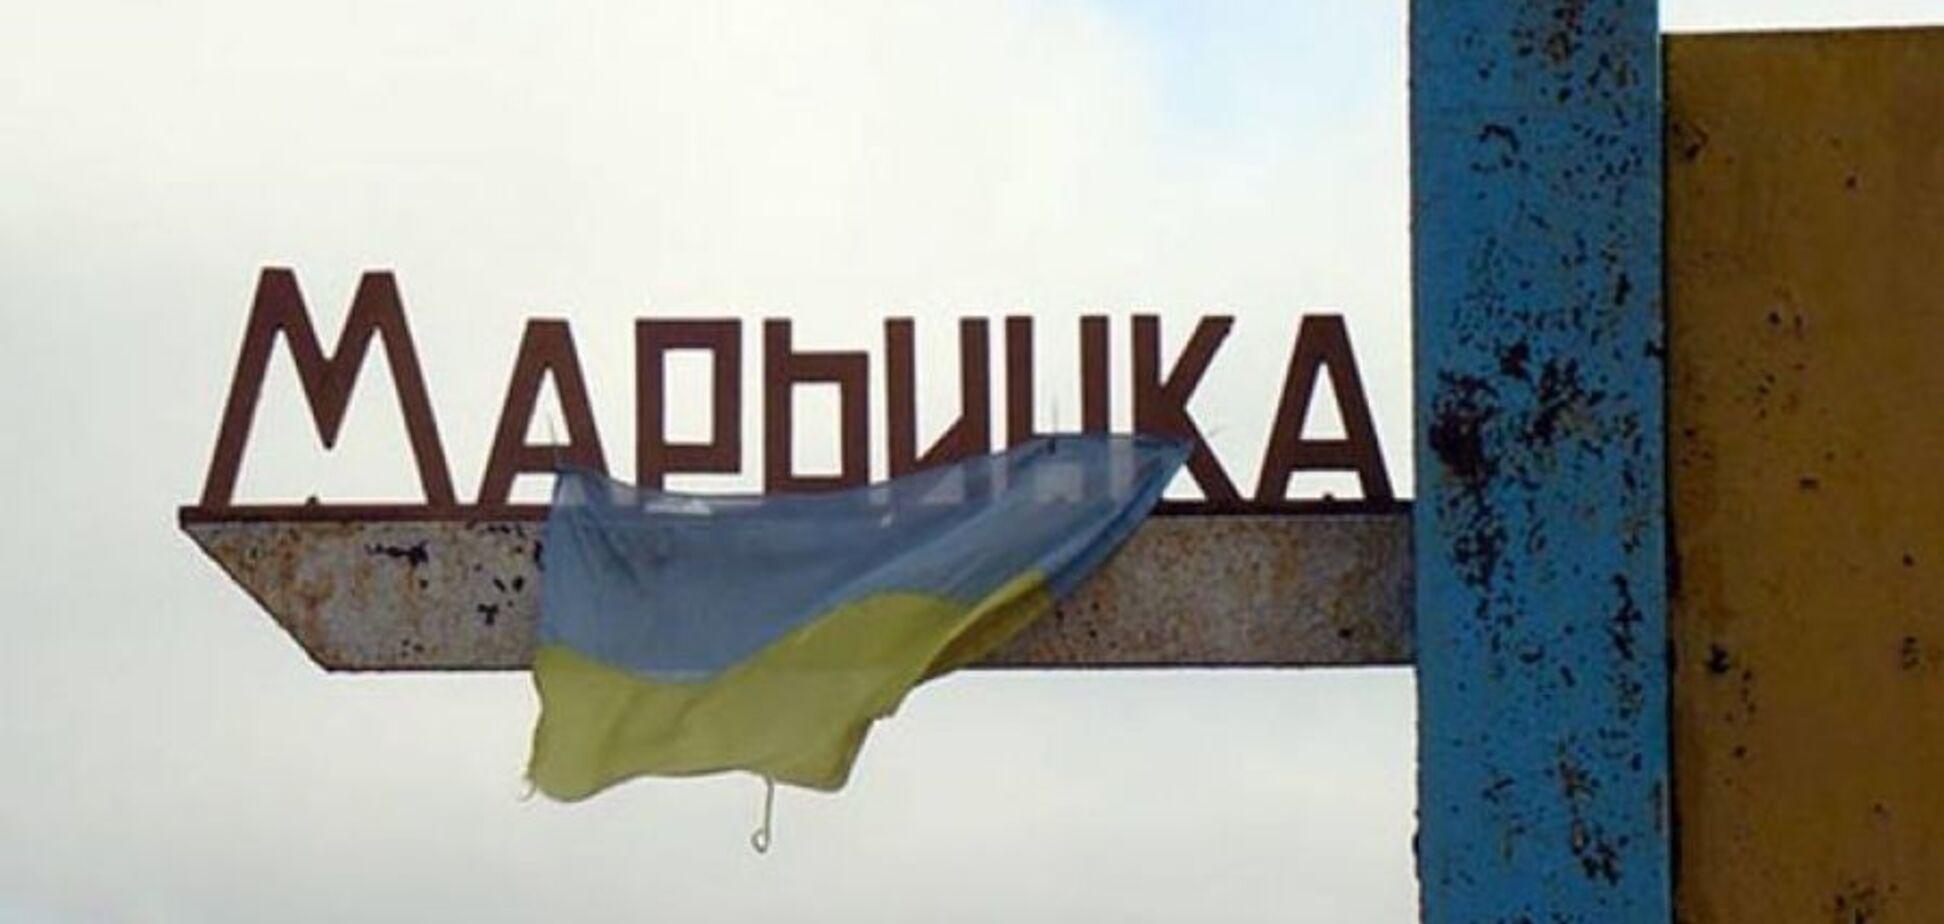 Введен красный режим: на Донбассе из снайперской винтовки обстреляли пограничника